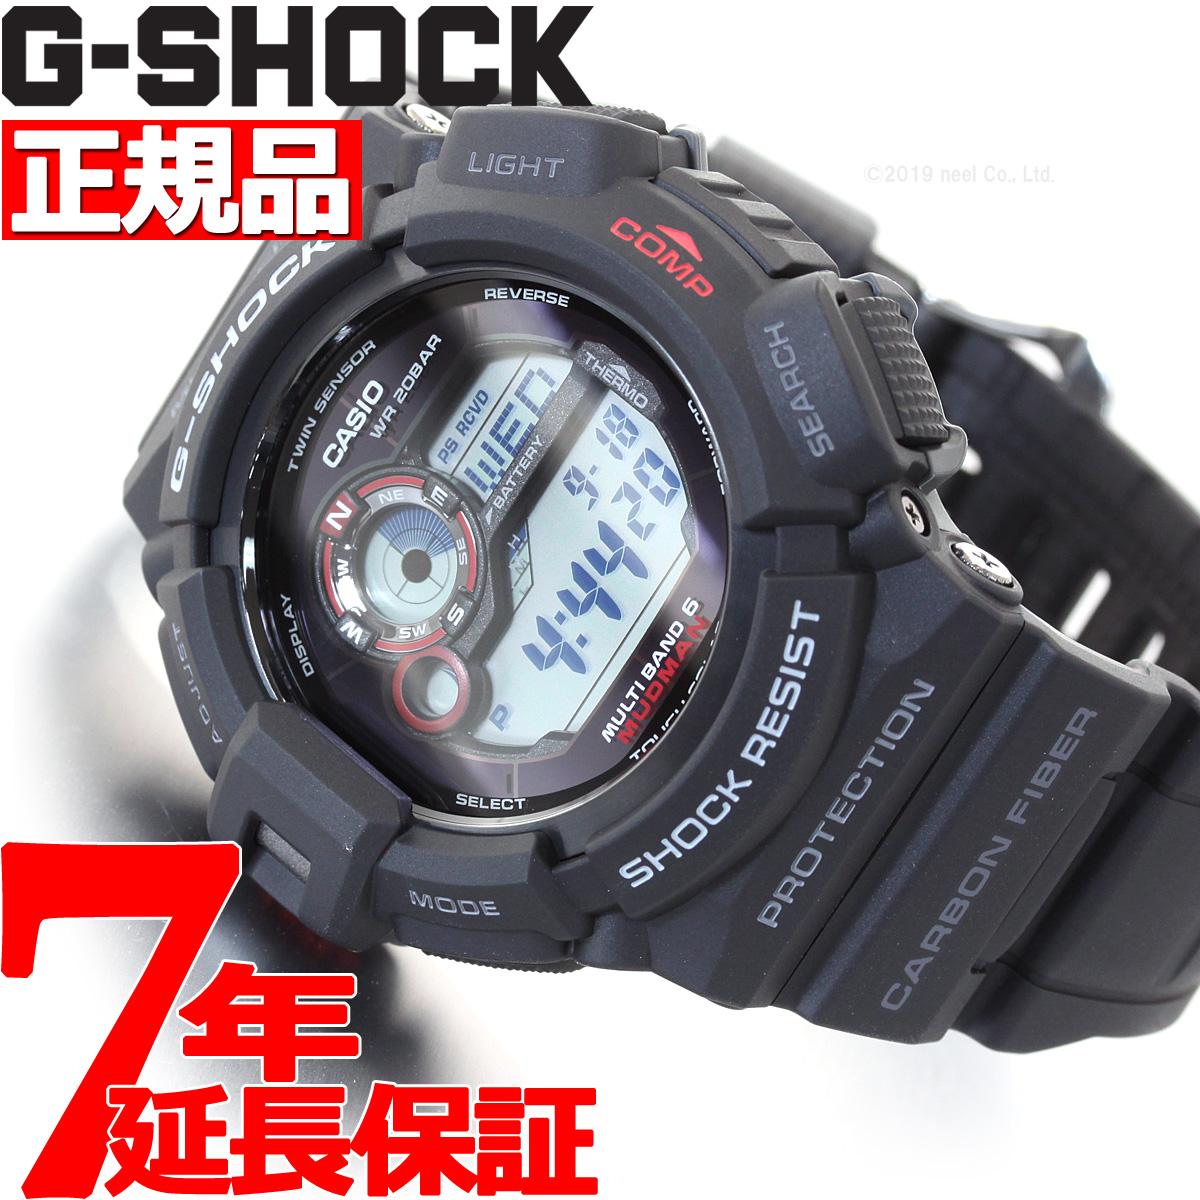 【5日0時~♪2000円OFFクーポン&店内ポイント最大51倍!5日23時59分まで】G-SHOCK 電波 ソーラー 電波時計 マッドマン MUDMAN 腕時計 メンズ マスターオブG カシオ Gショック GW-9300-1JF